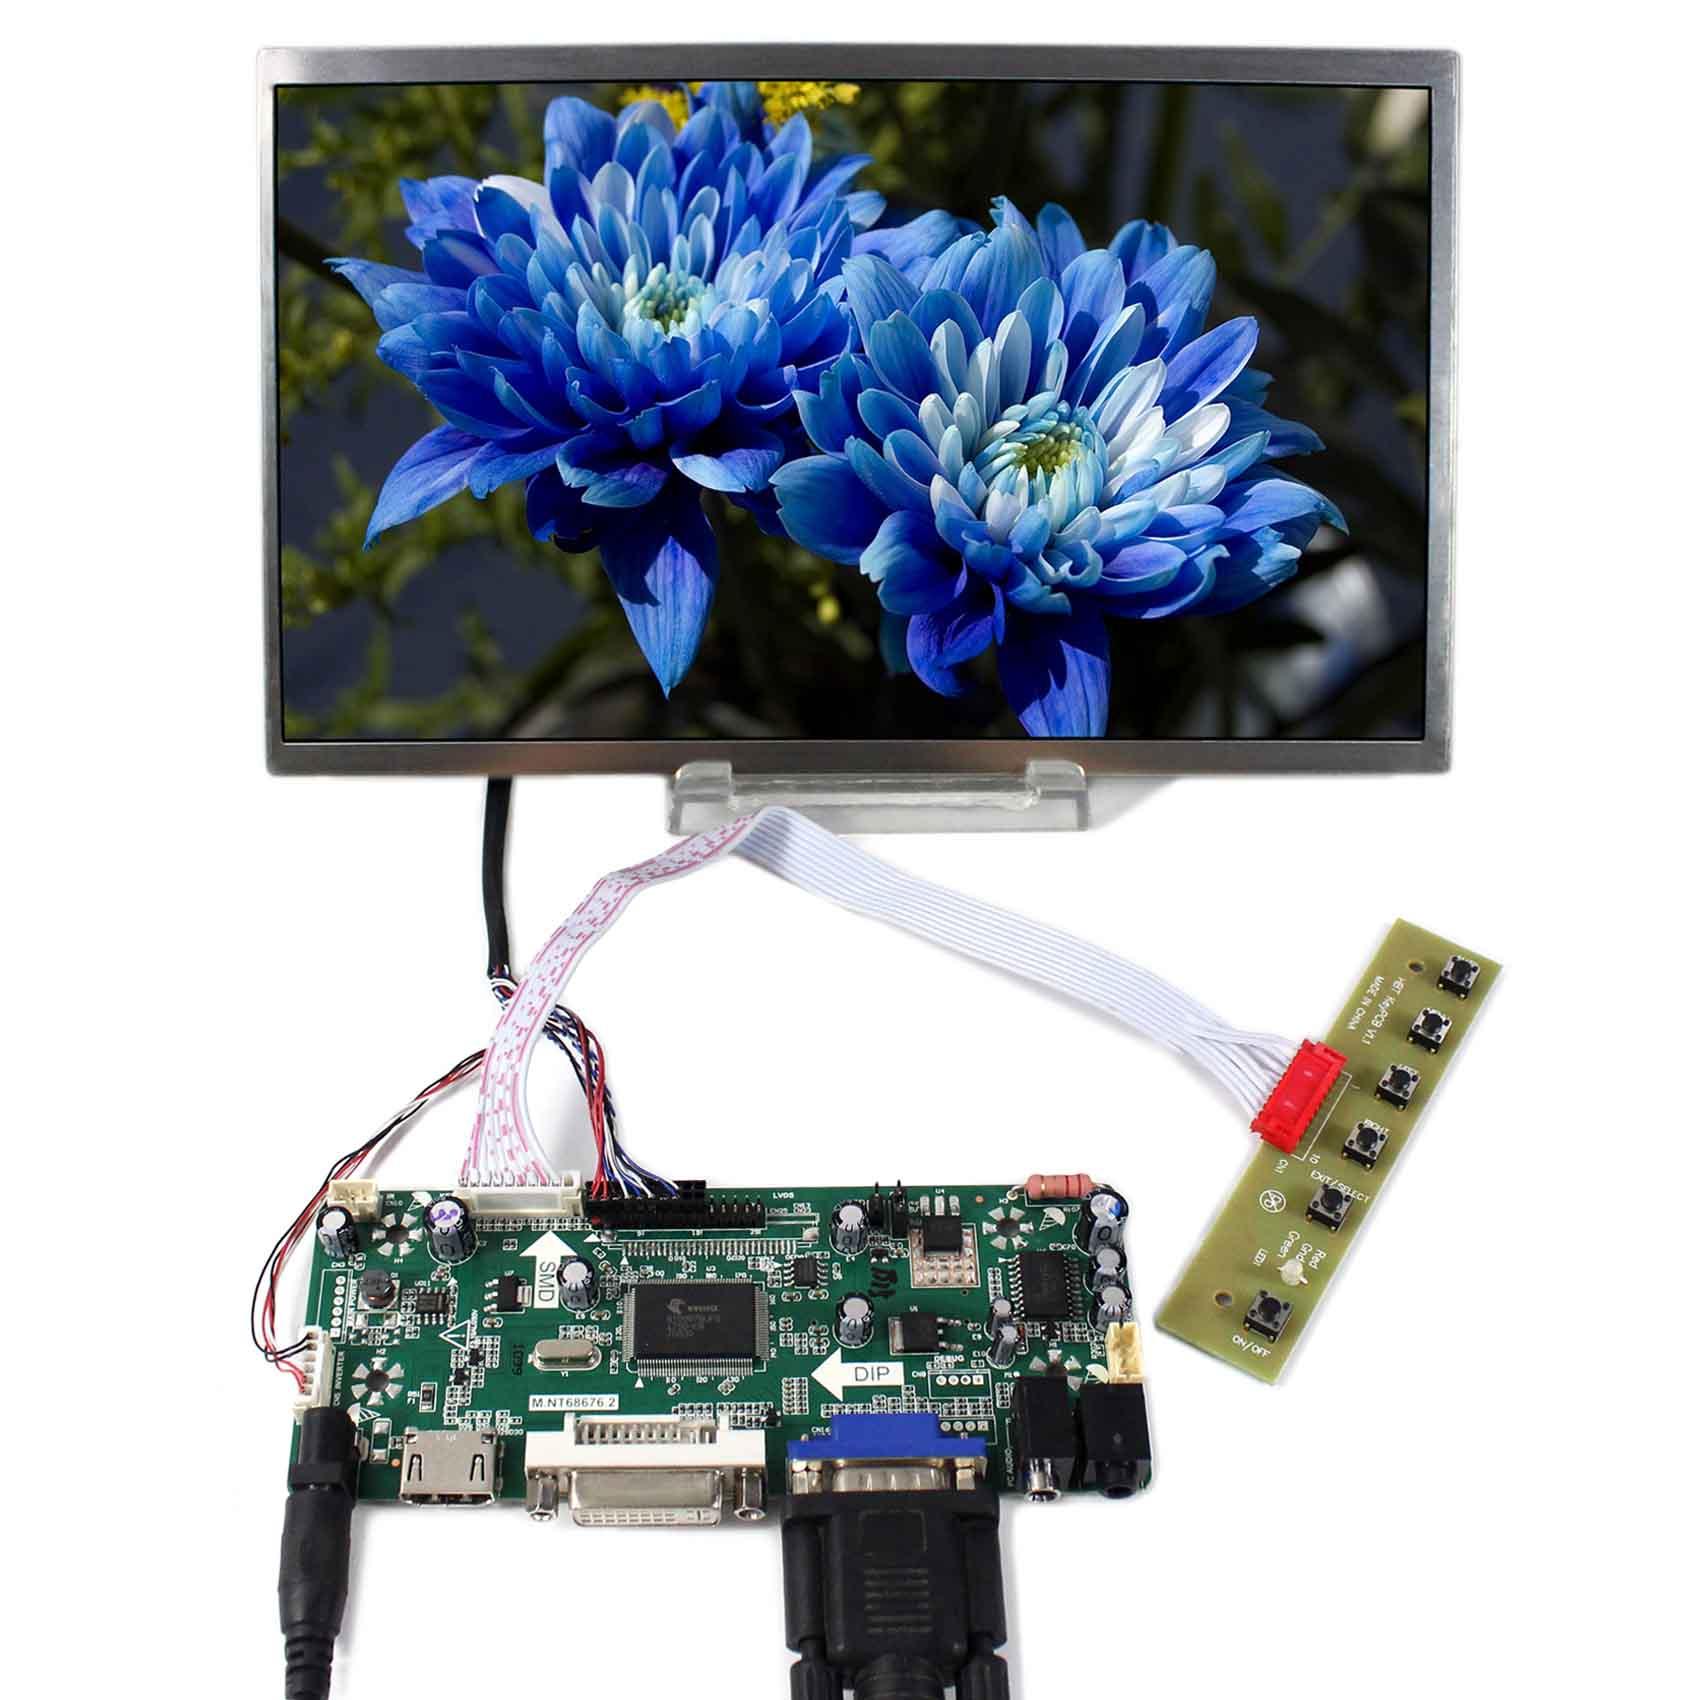 10.1inch B101AW03 1024x600 LCD Screen+HDMI DVI VGA LCD Controller Board M.NT68676 hdmi dvi vga lcd controller board 8 9 1024x600 n089l6 lp089ws1 b089aw01 lcd screen